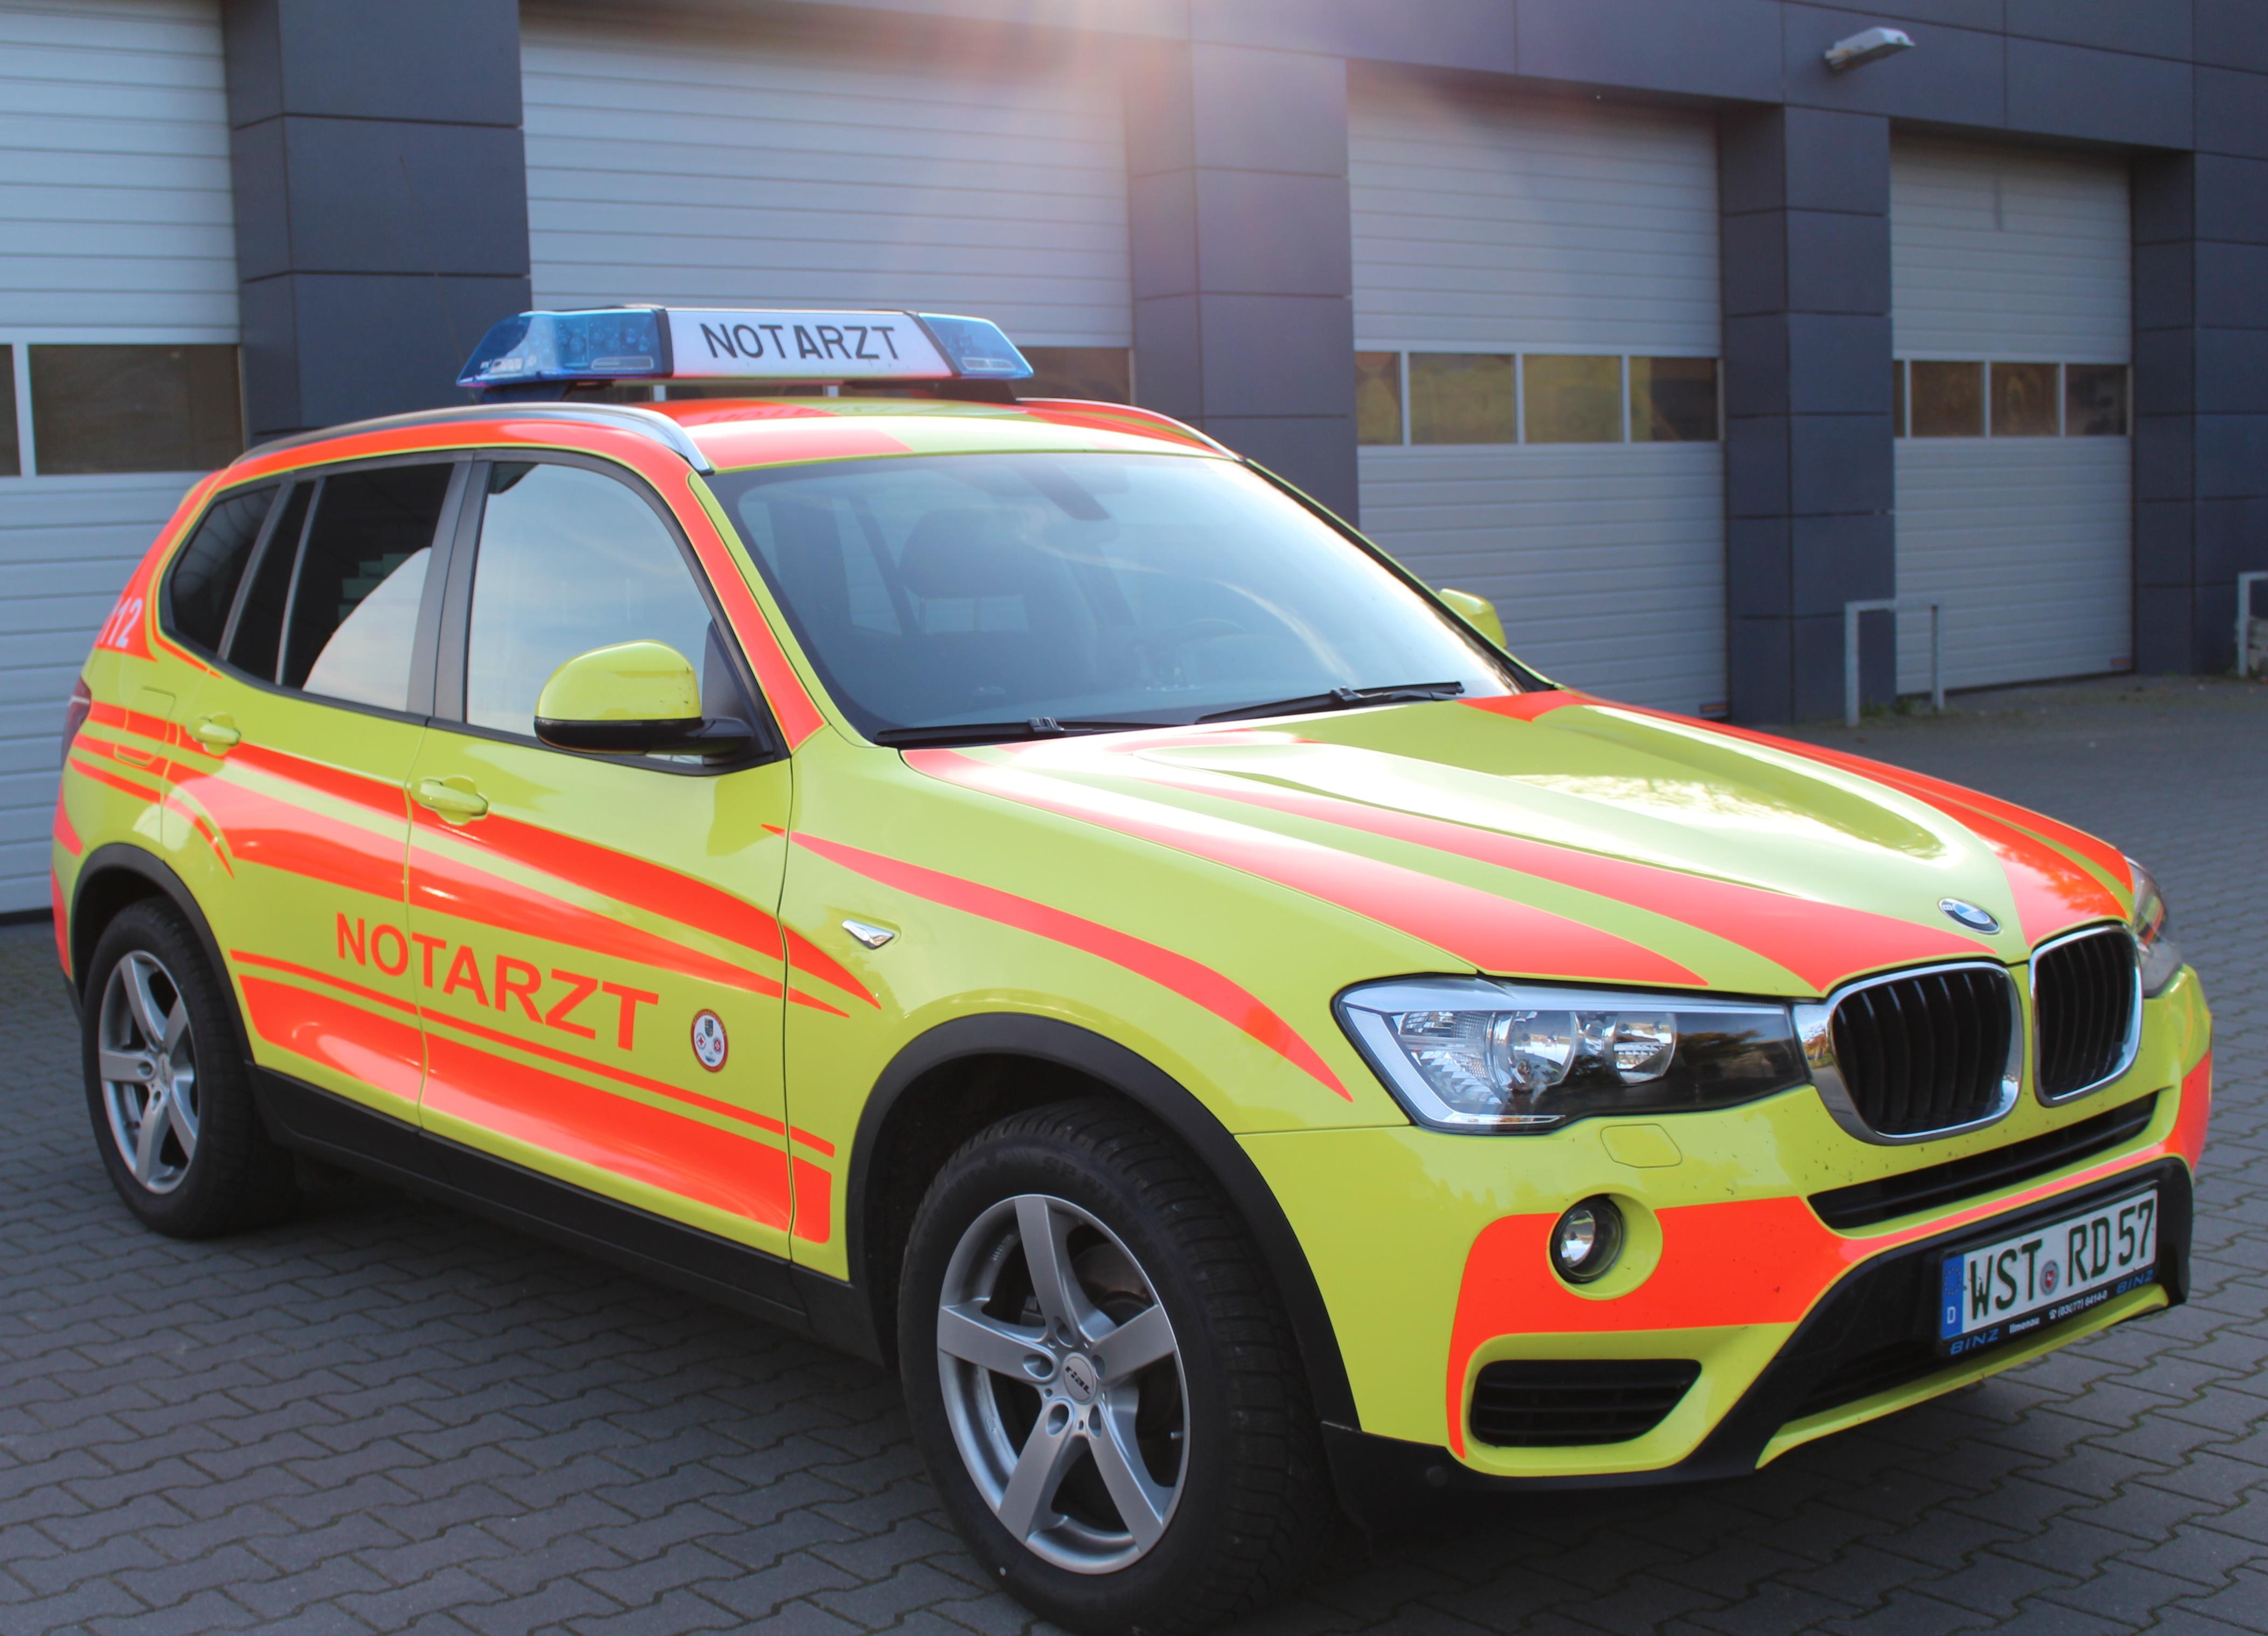 Notarzteinsatzfahrzeug Nef Rettungsdienst Ammerland